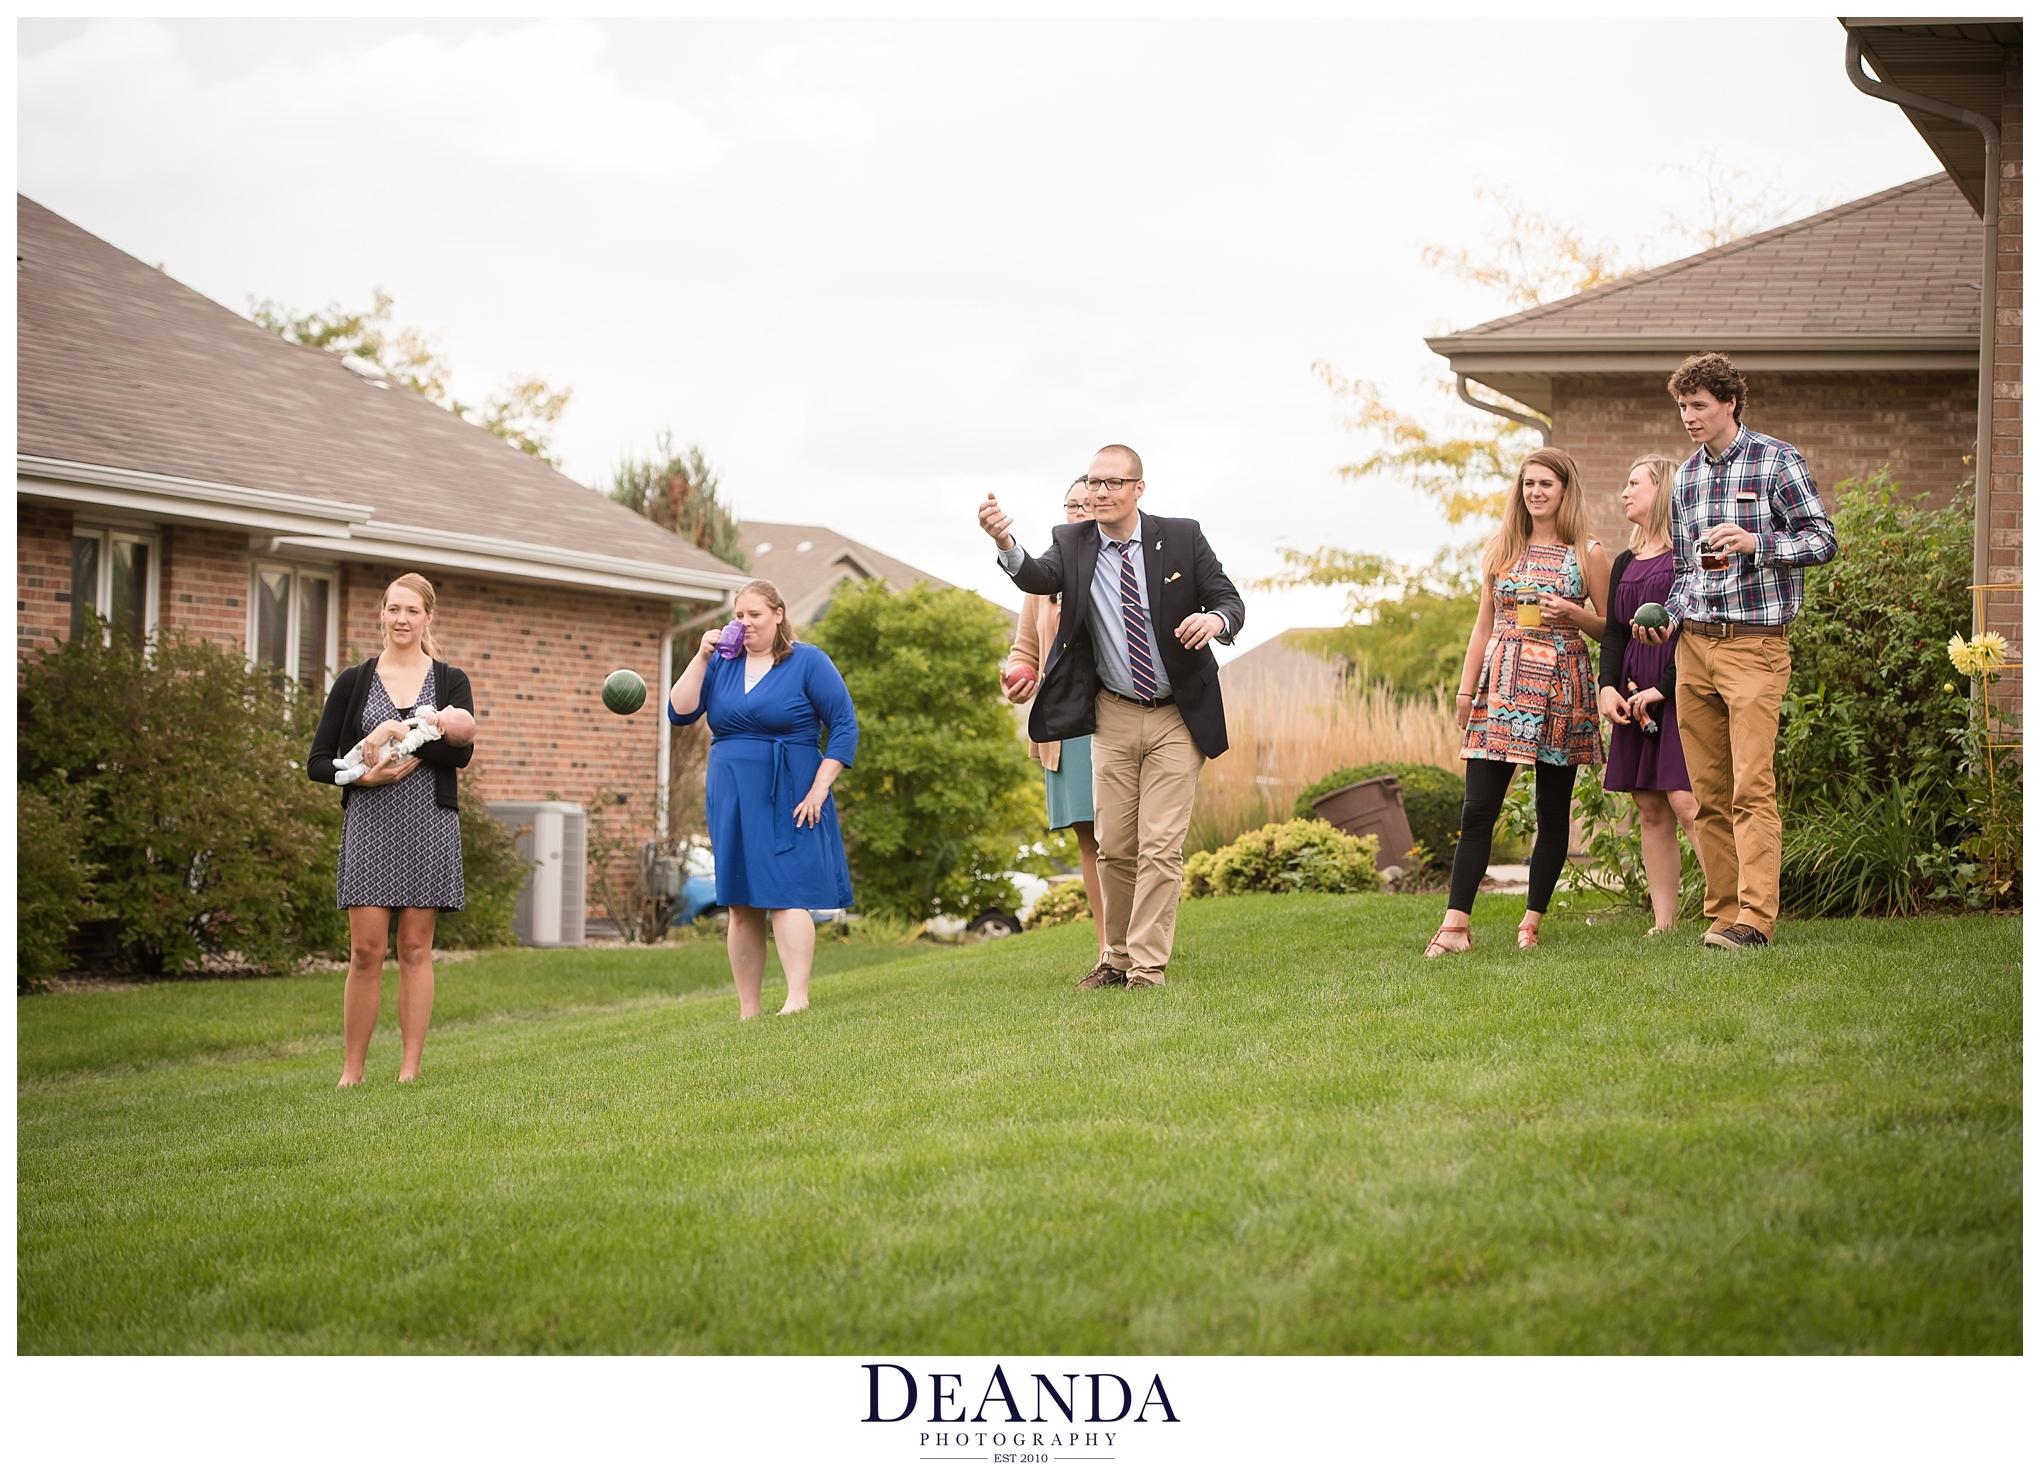 lawn games at wedding idea